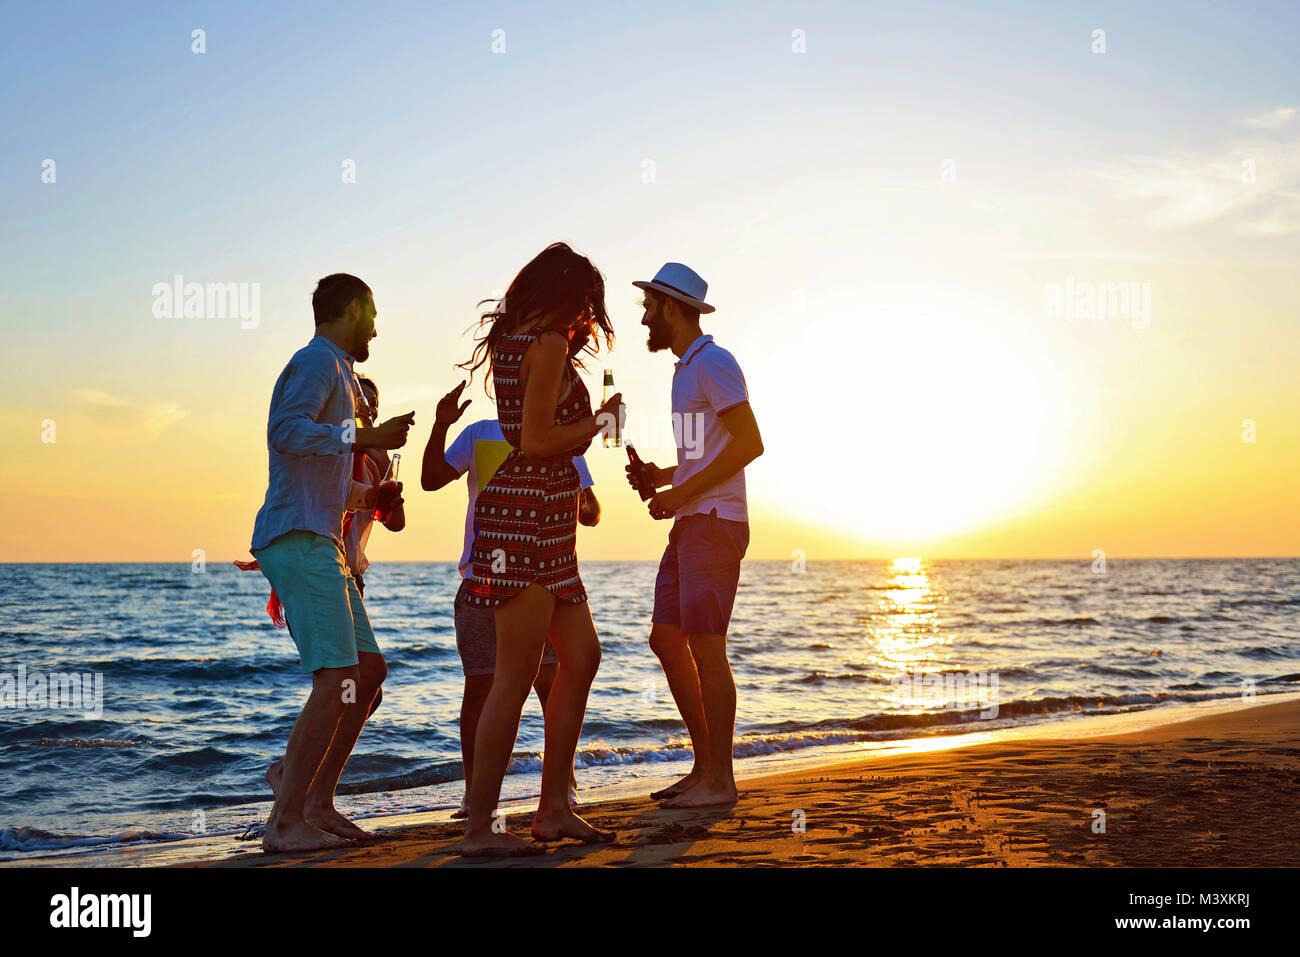 Les gens célébration Fête sur la plage des vacances Vacances Photo Stock